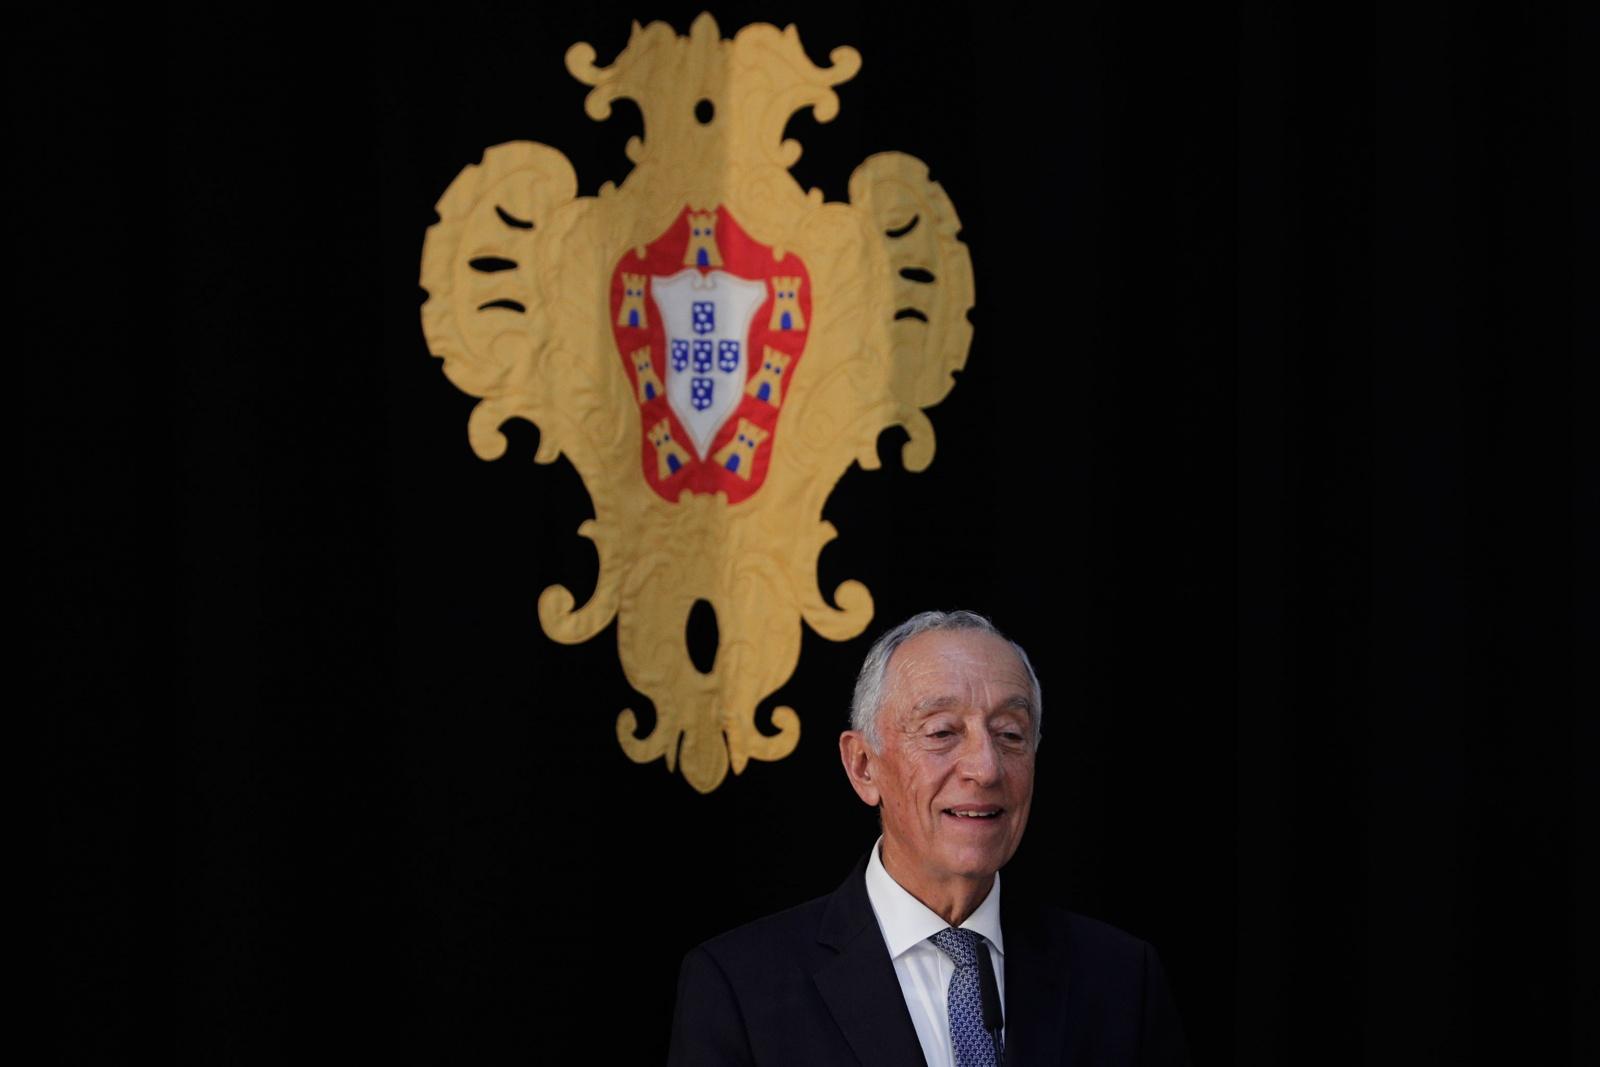 Presidenciais | Marcelo Rebelo de Sousa teve quase mil votos em Macau